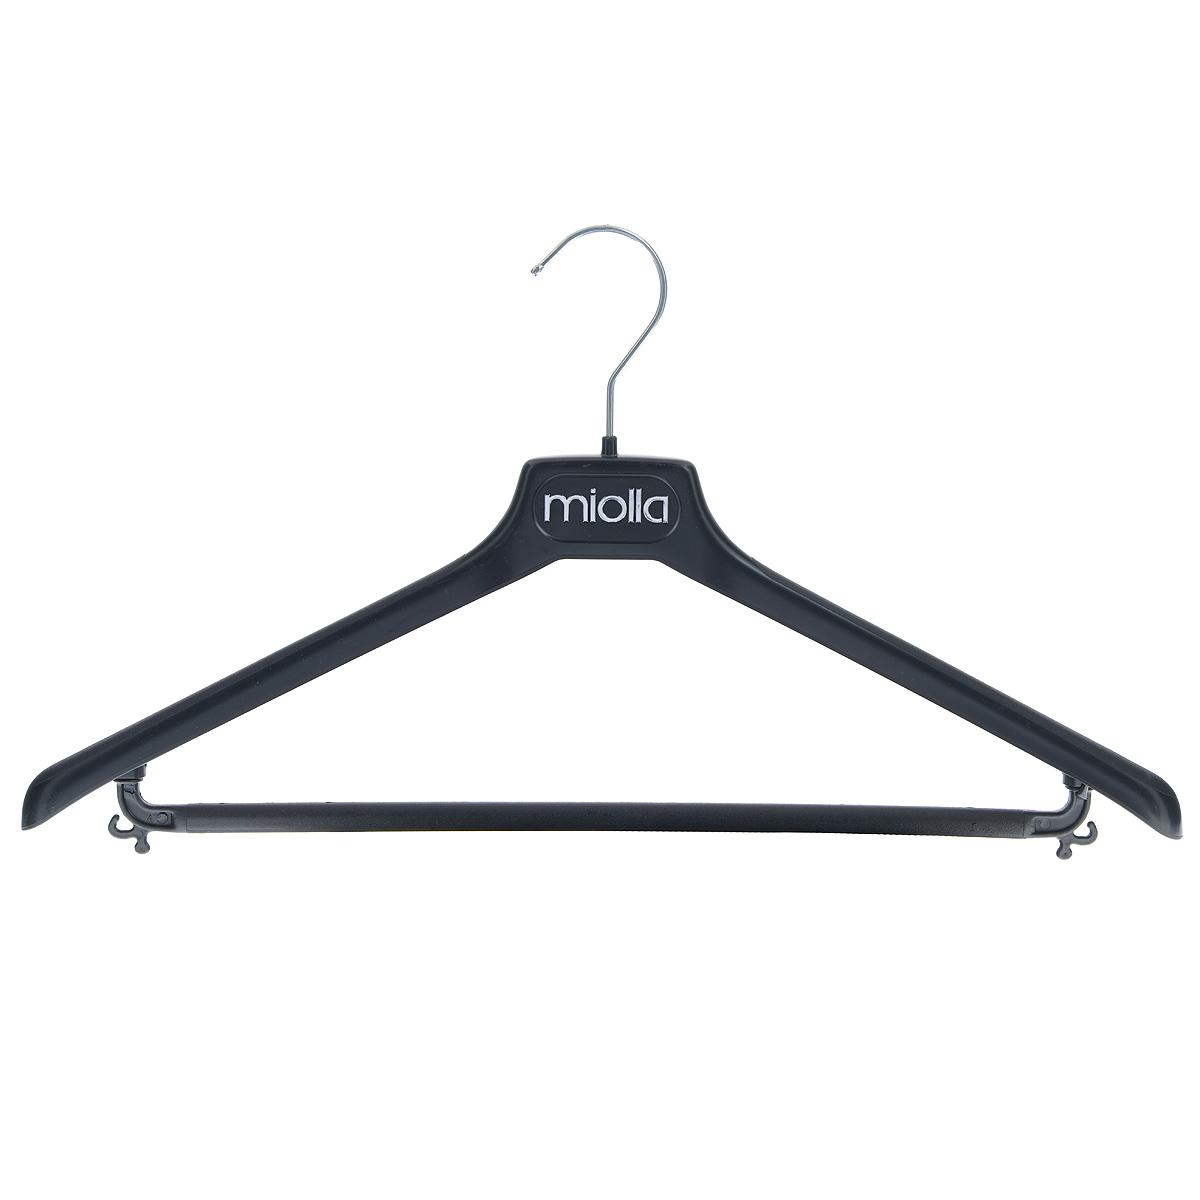 Вешалка для одежды Miolla, цвет: черный, длина 44 см2511074UУниверсальная вешалка для одежды Miolla выполнена из легкого пластика. Изделие оснащено перекладиной и двумя крючками. Вешалка - это незаменимая вещь для того, чтобы ваша одежда всегда оставалась в хорошем состоянии.